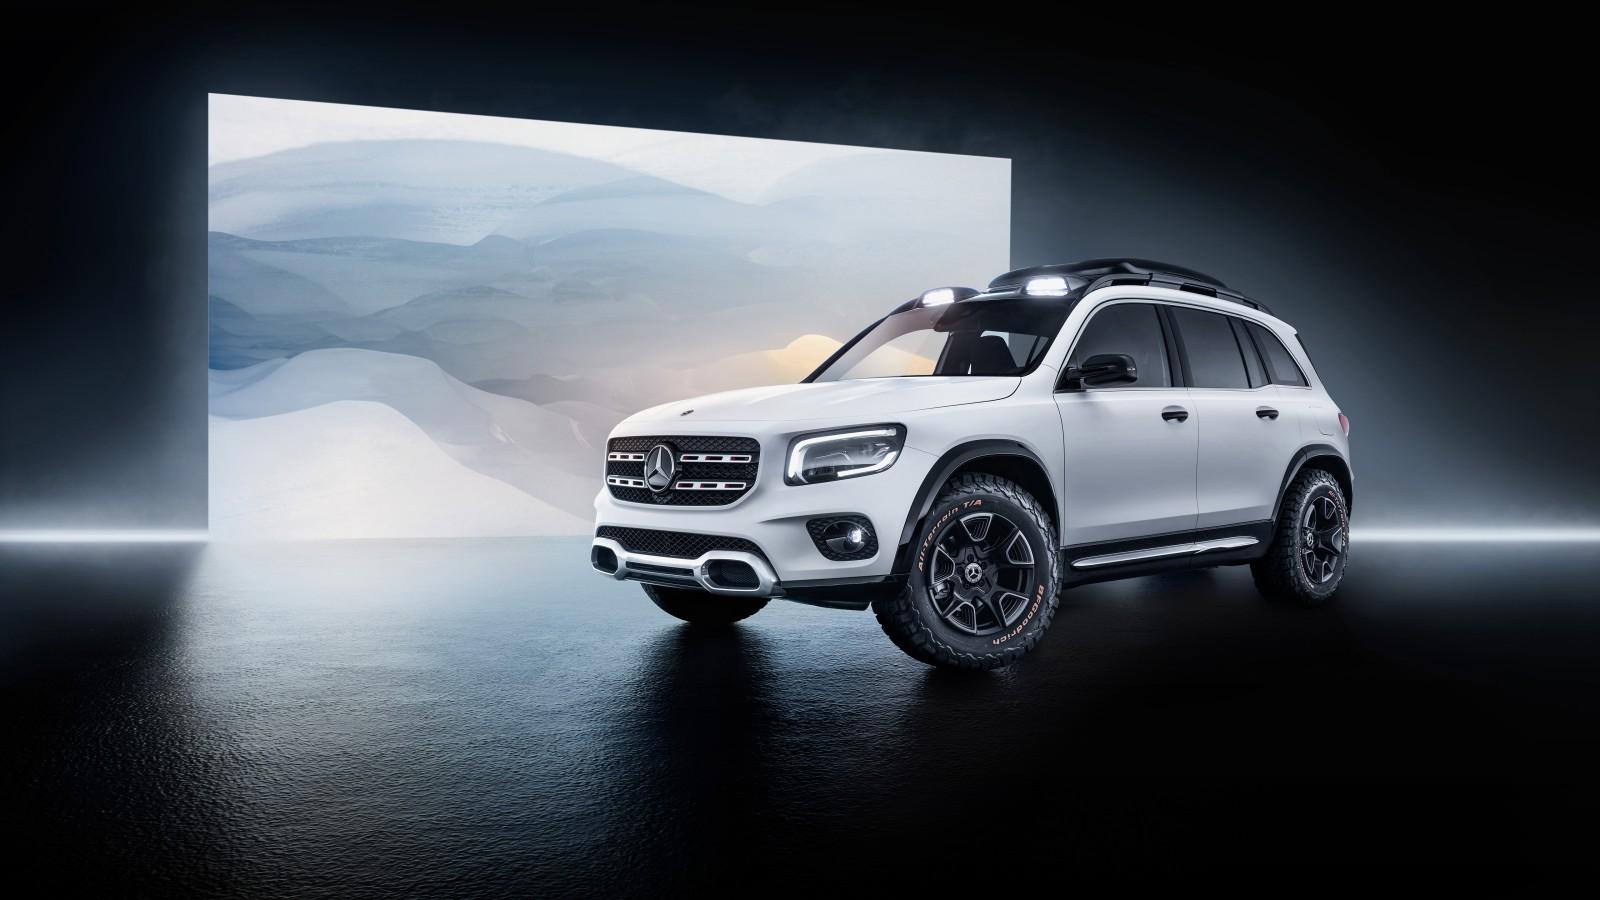 Mercedes-Benz Concept GLB 2019 5K Wallpaper | HD Car ...